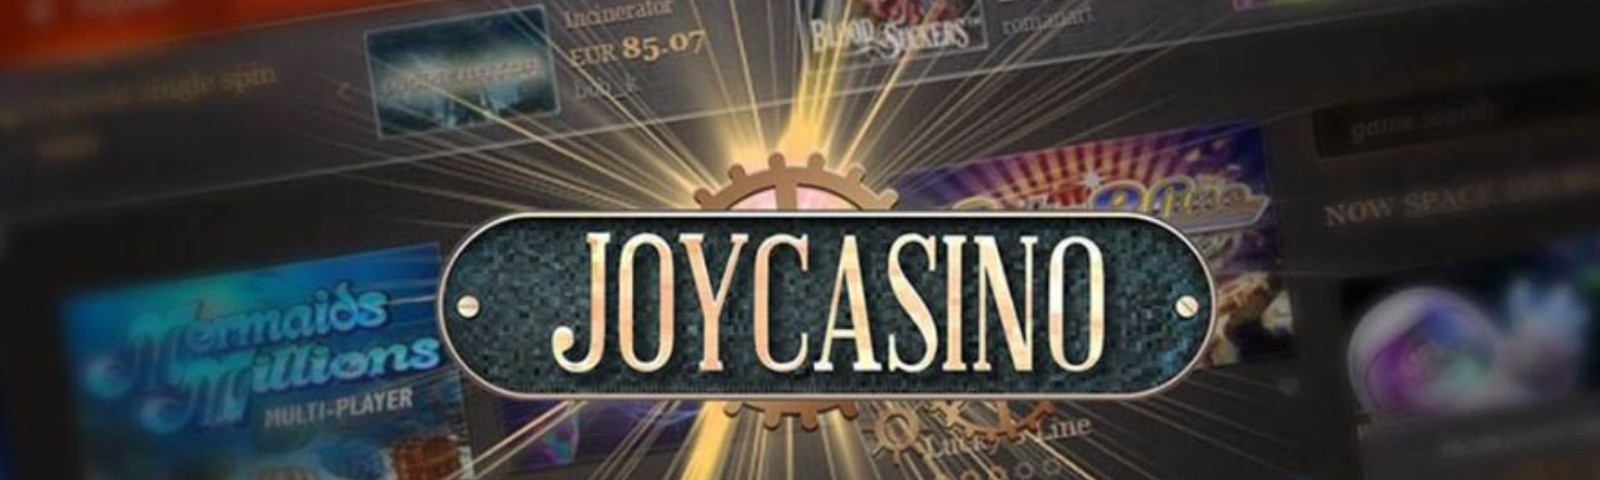 Джойказино кино казино онлайн за регистрацию деньги